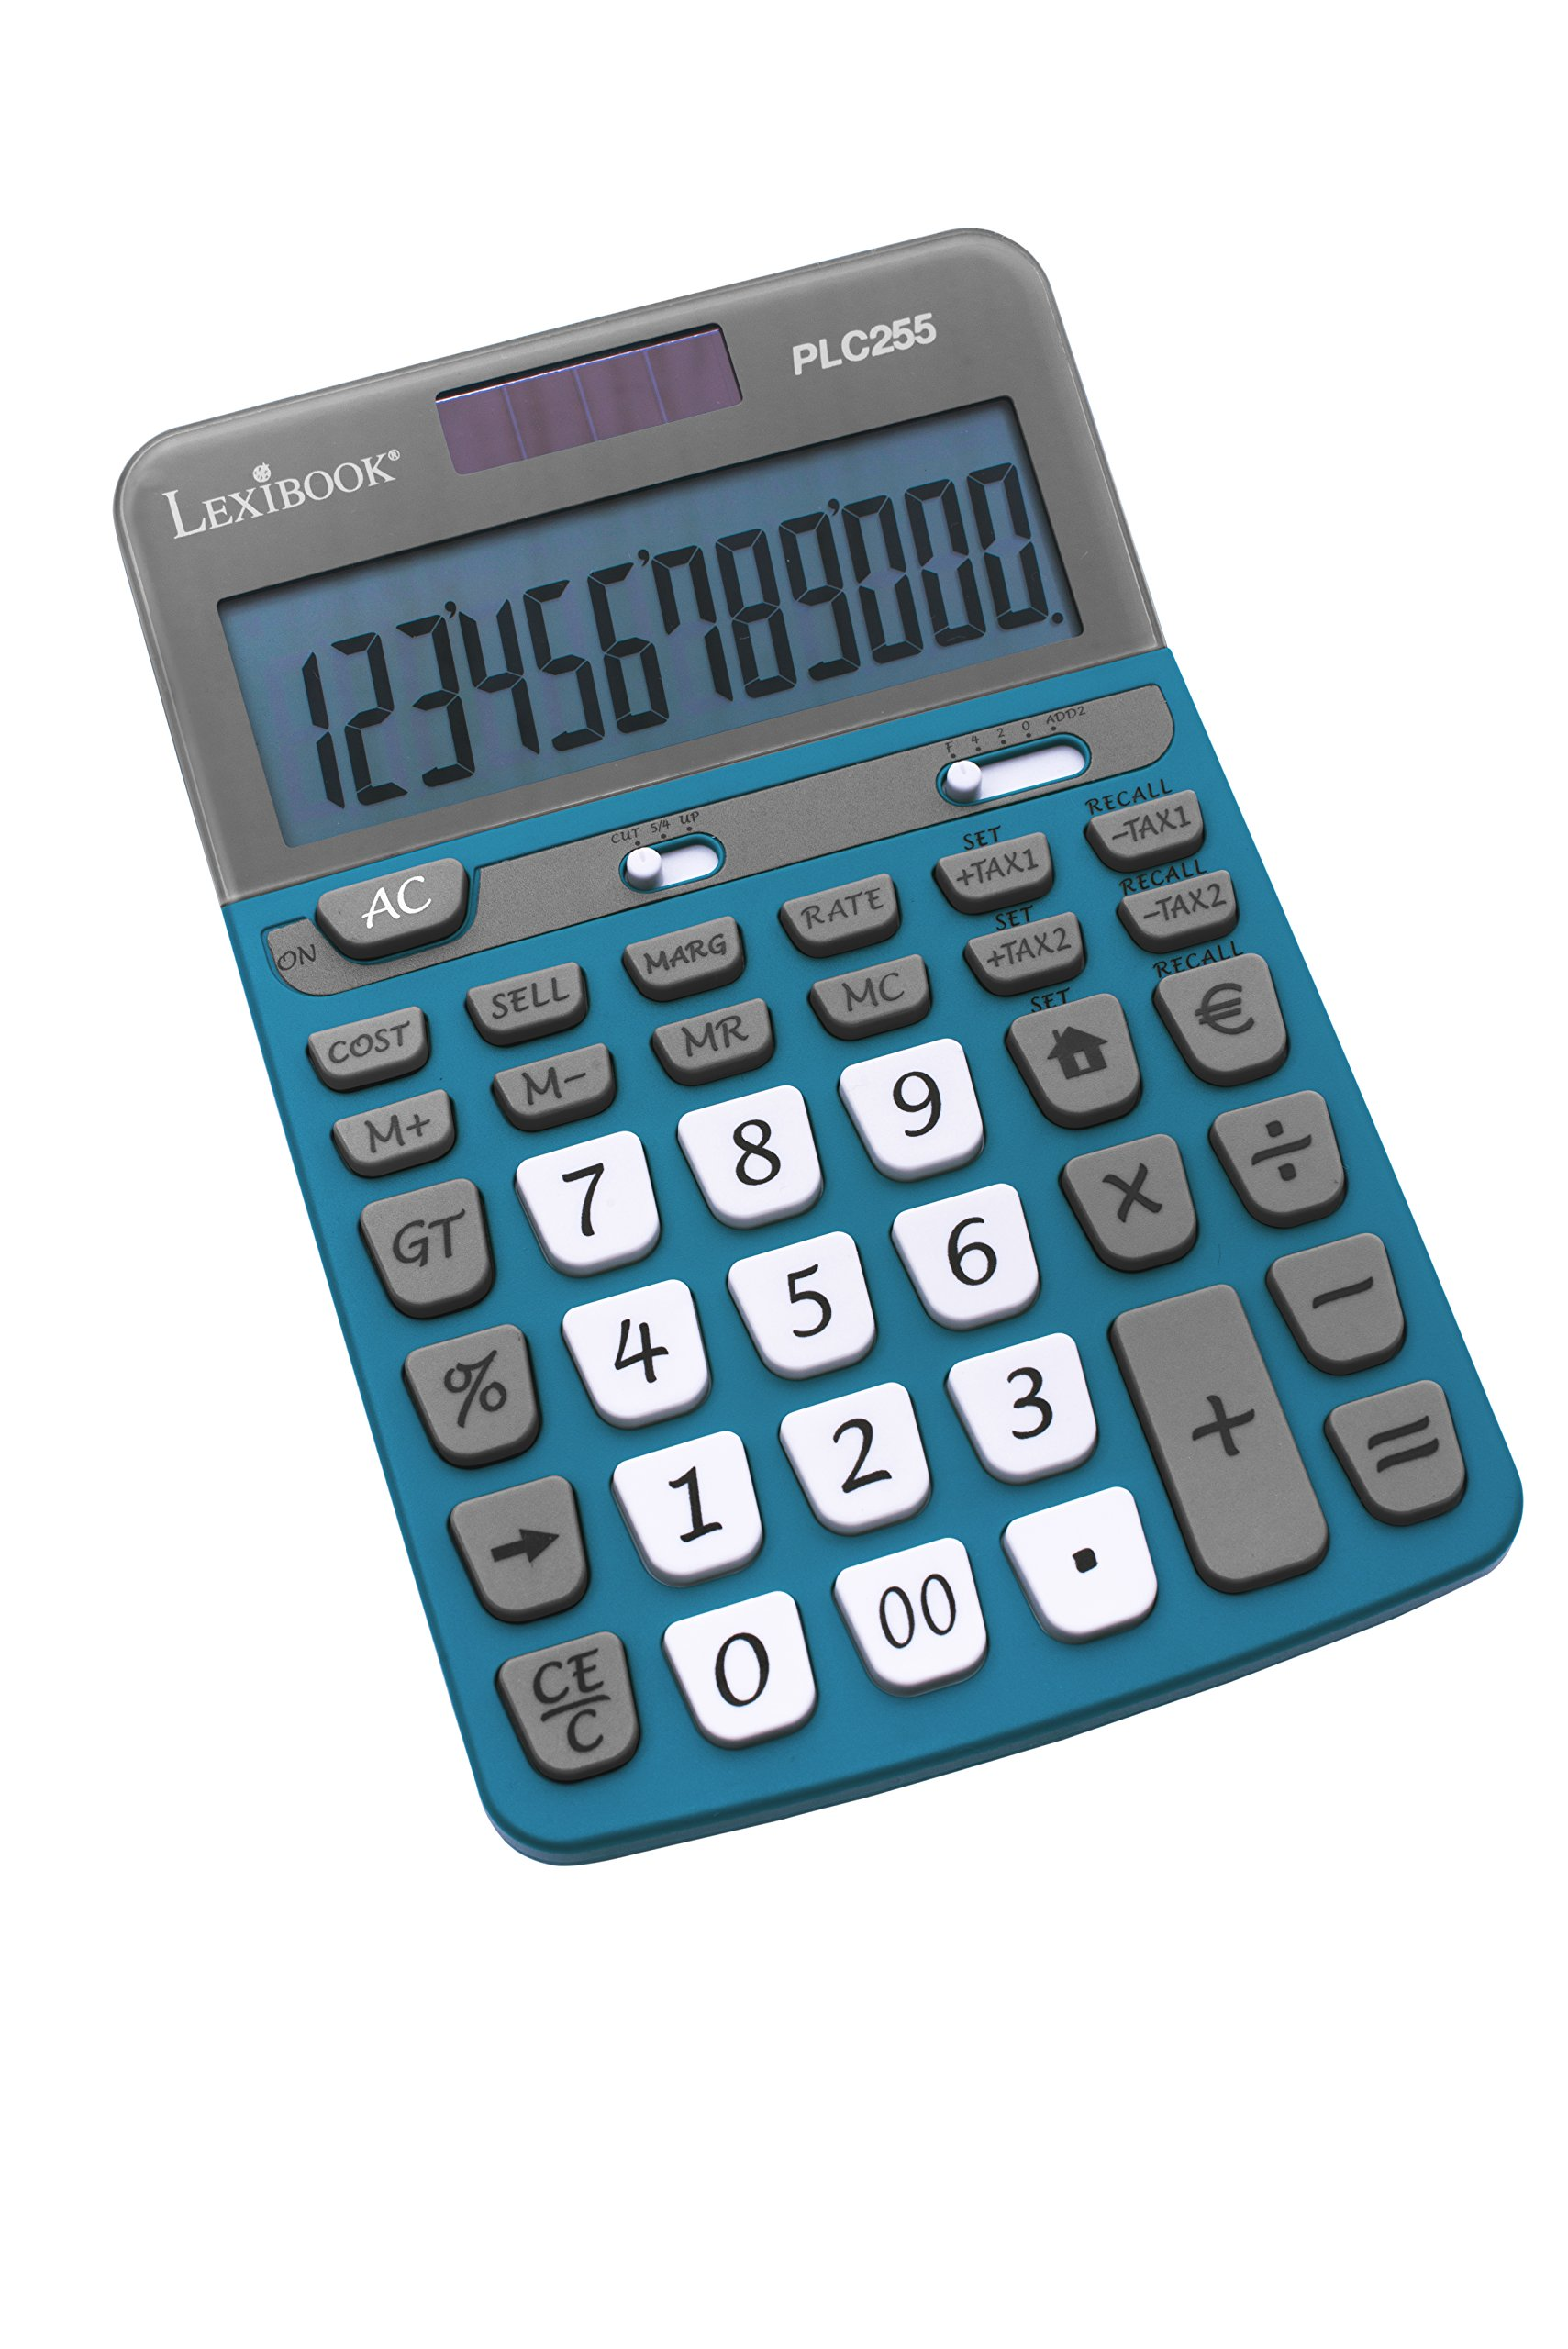 Lexibook PLC255 - Calcolatrice con Schermo a 12 Cifre, Funzioni tradizionali/avanzate/commerciali, C